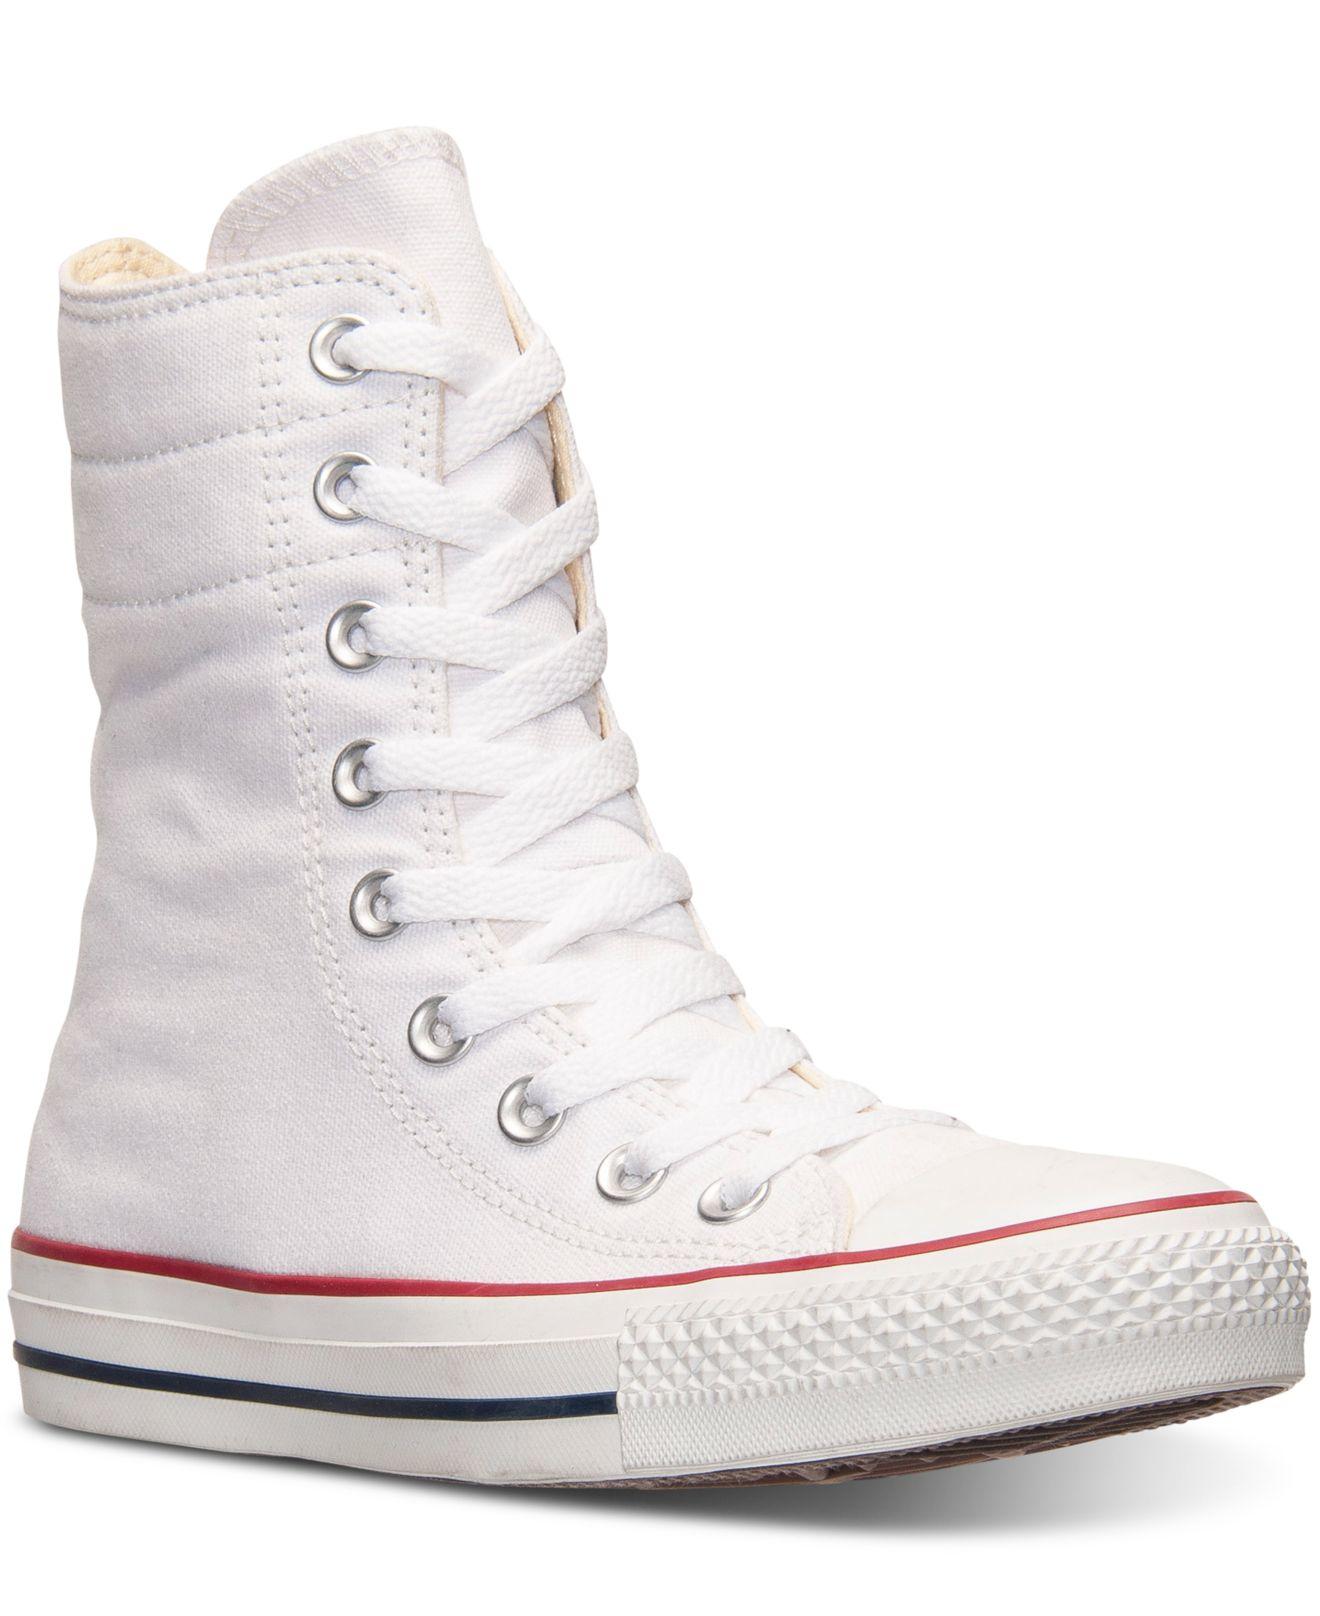 c559a35444fe czech comme des garçons x converse chuck taylor play hidden heart high top  sneaker men nordstrom on the hunt f49b5 dc4f4  clearance lyst converse  womens ...